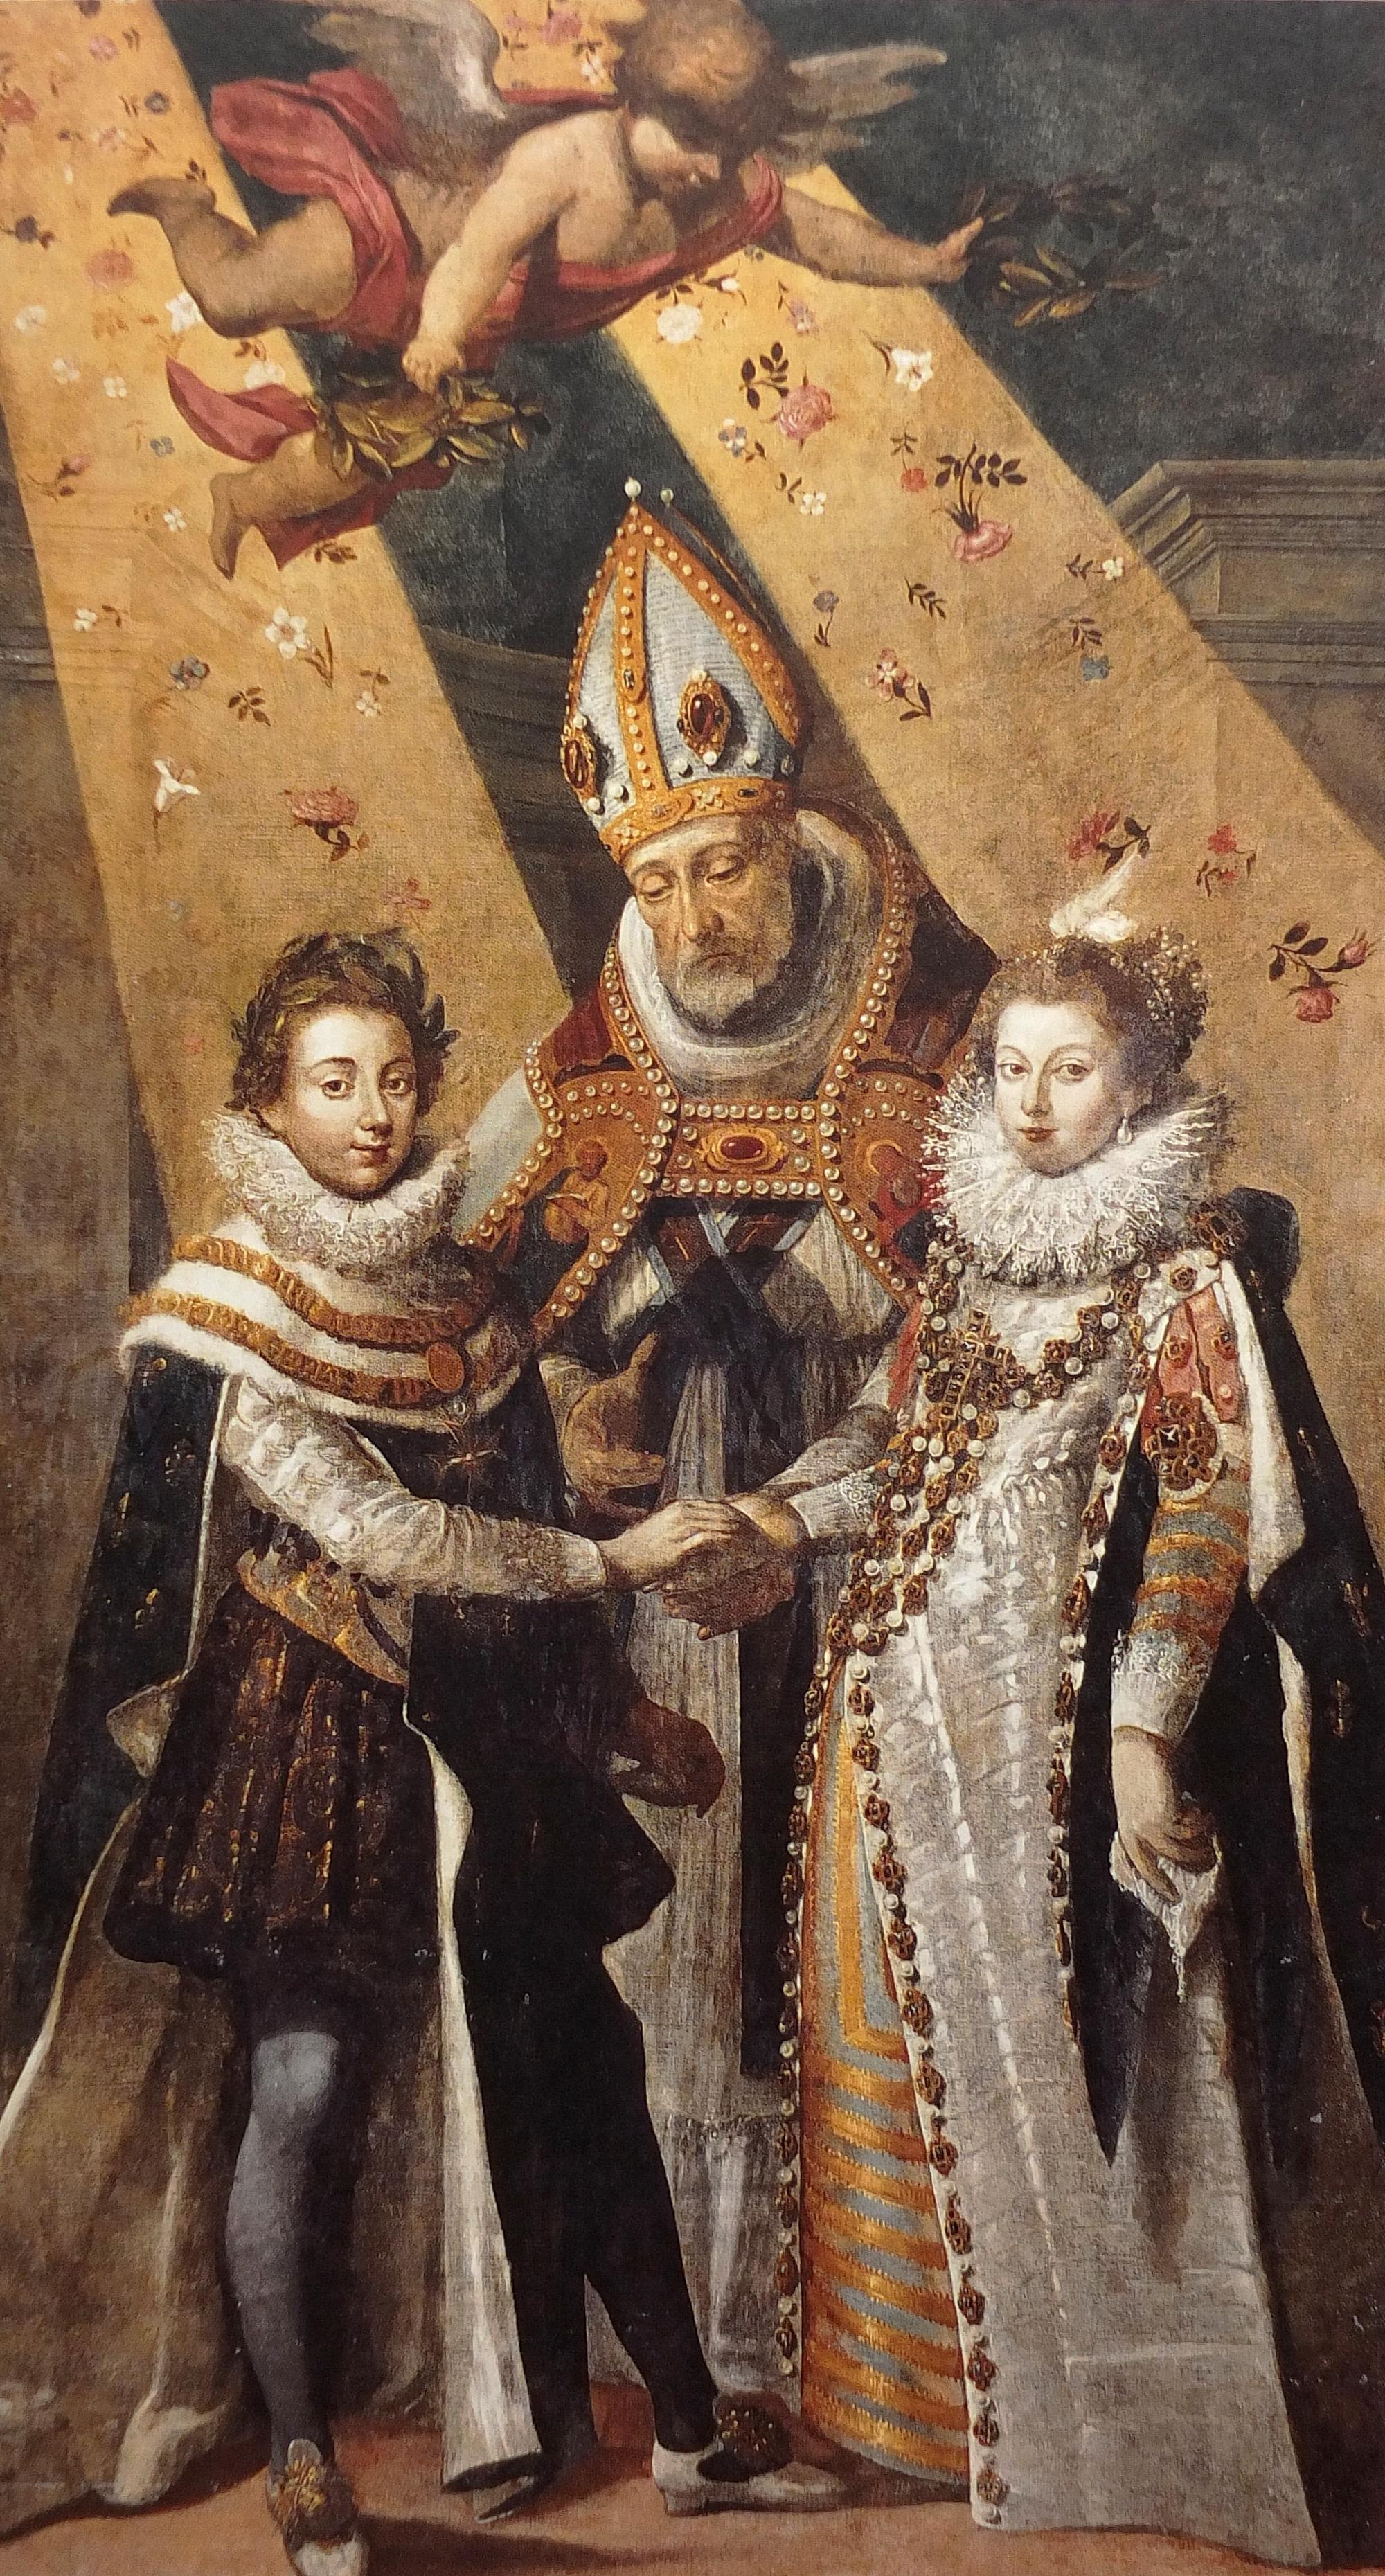 Soracha.fr - Jean Chalette, Mariage de Louis XIII et d'Anne d'Autriche